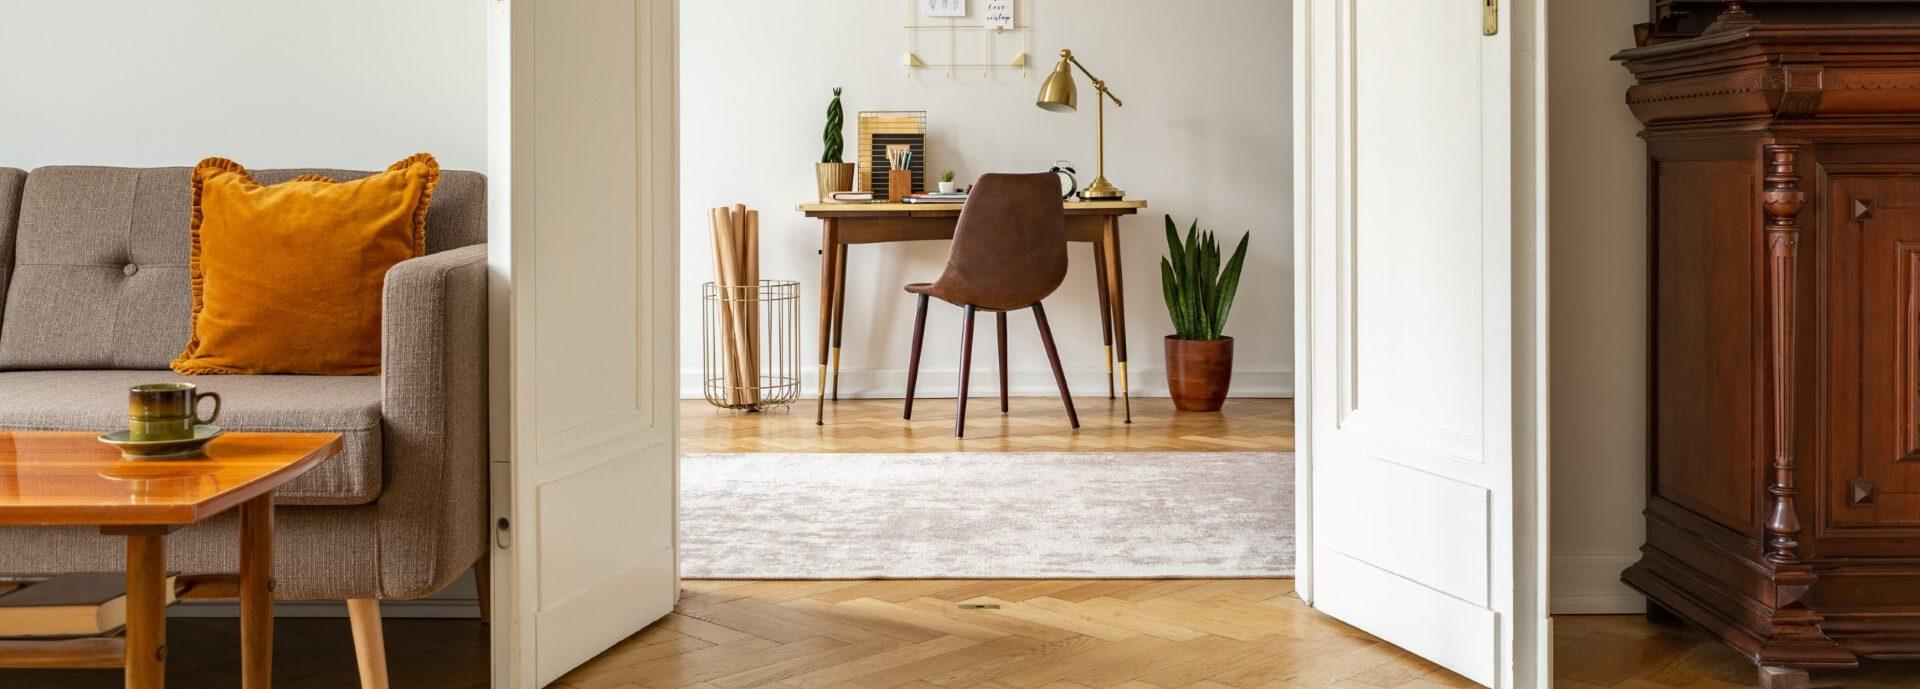 wonen-interieur-tips.nl